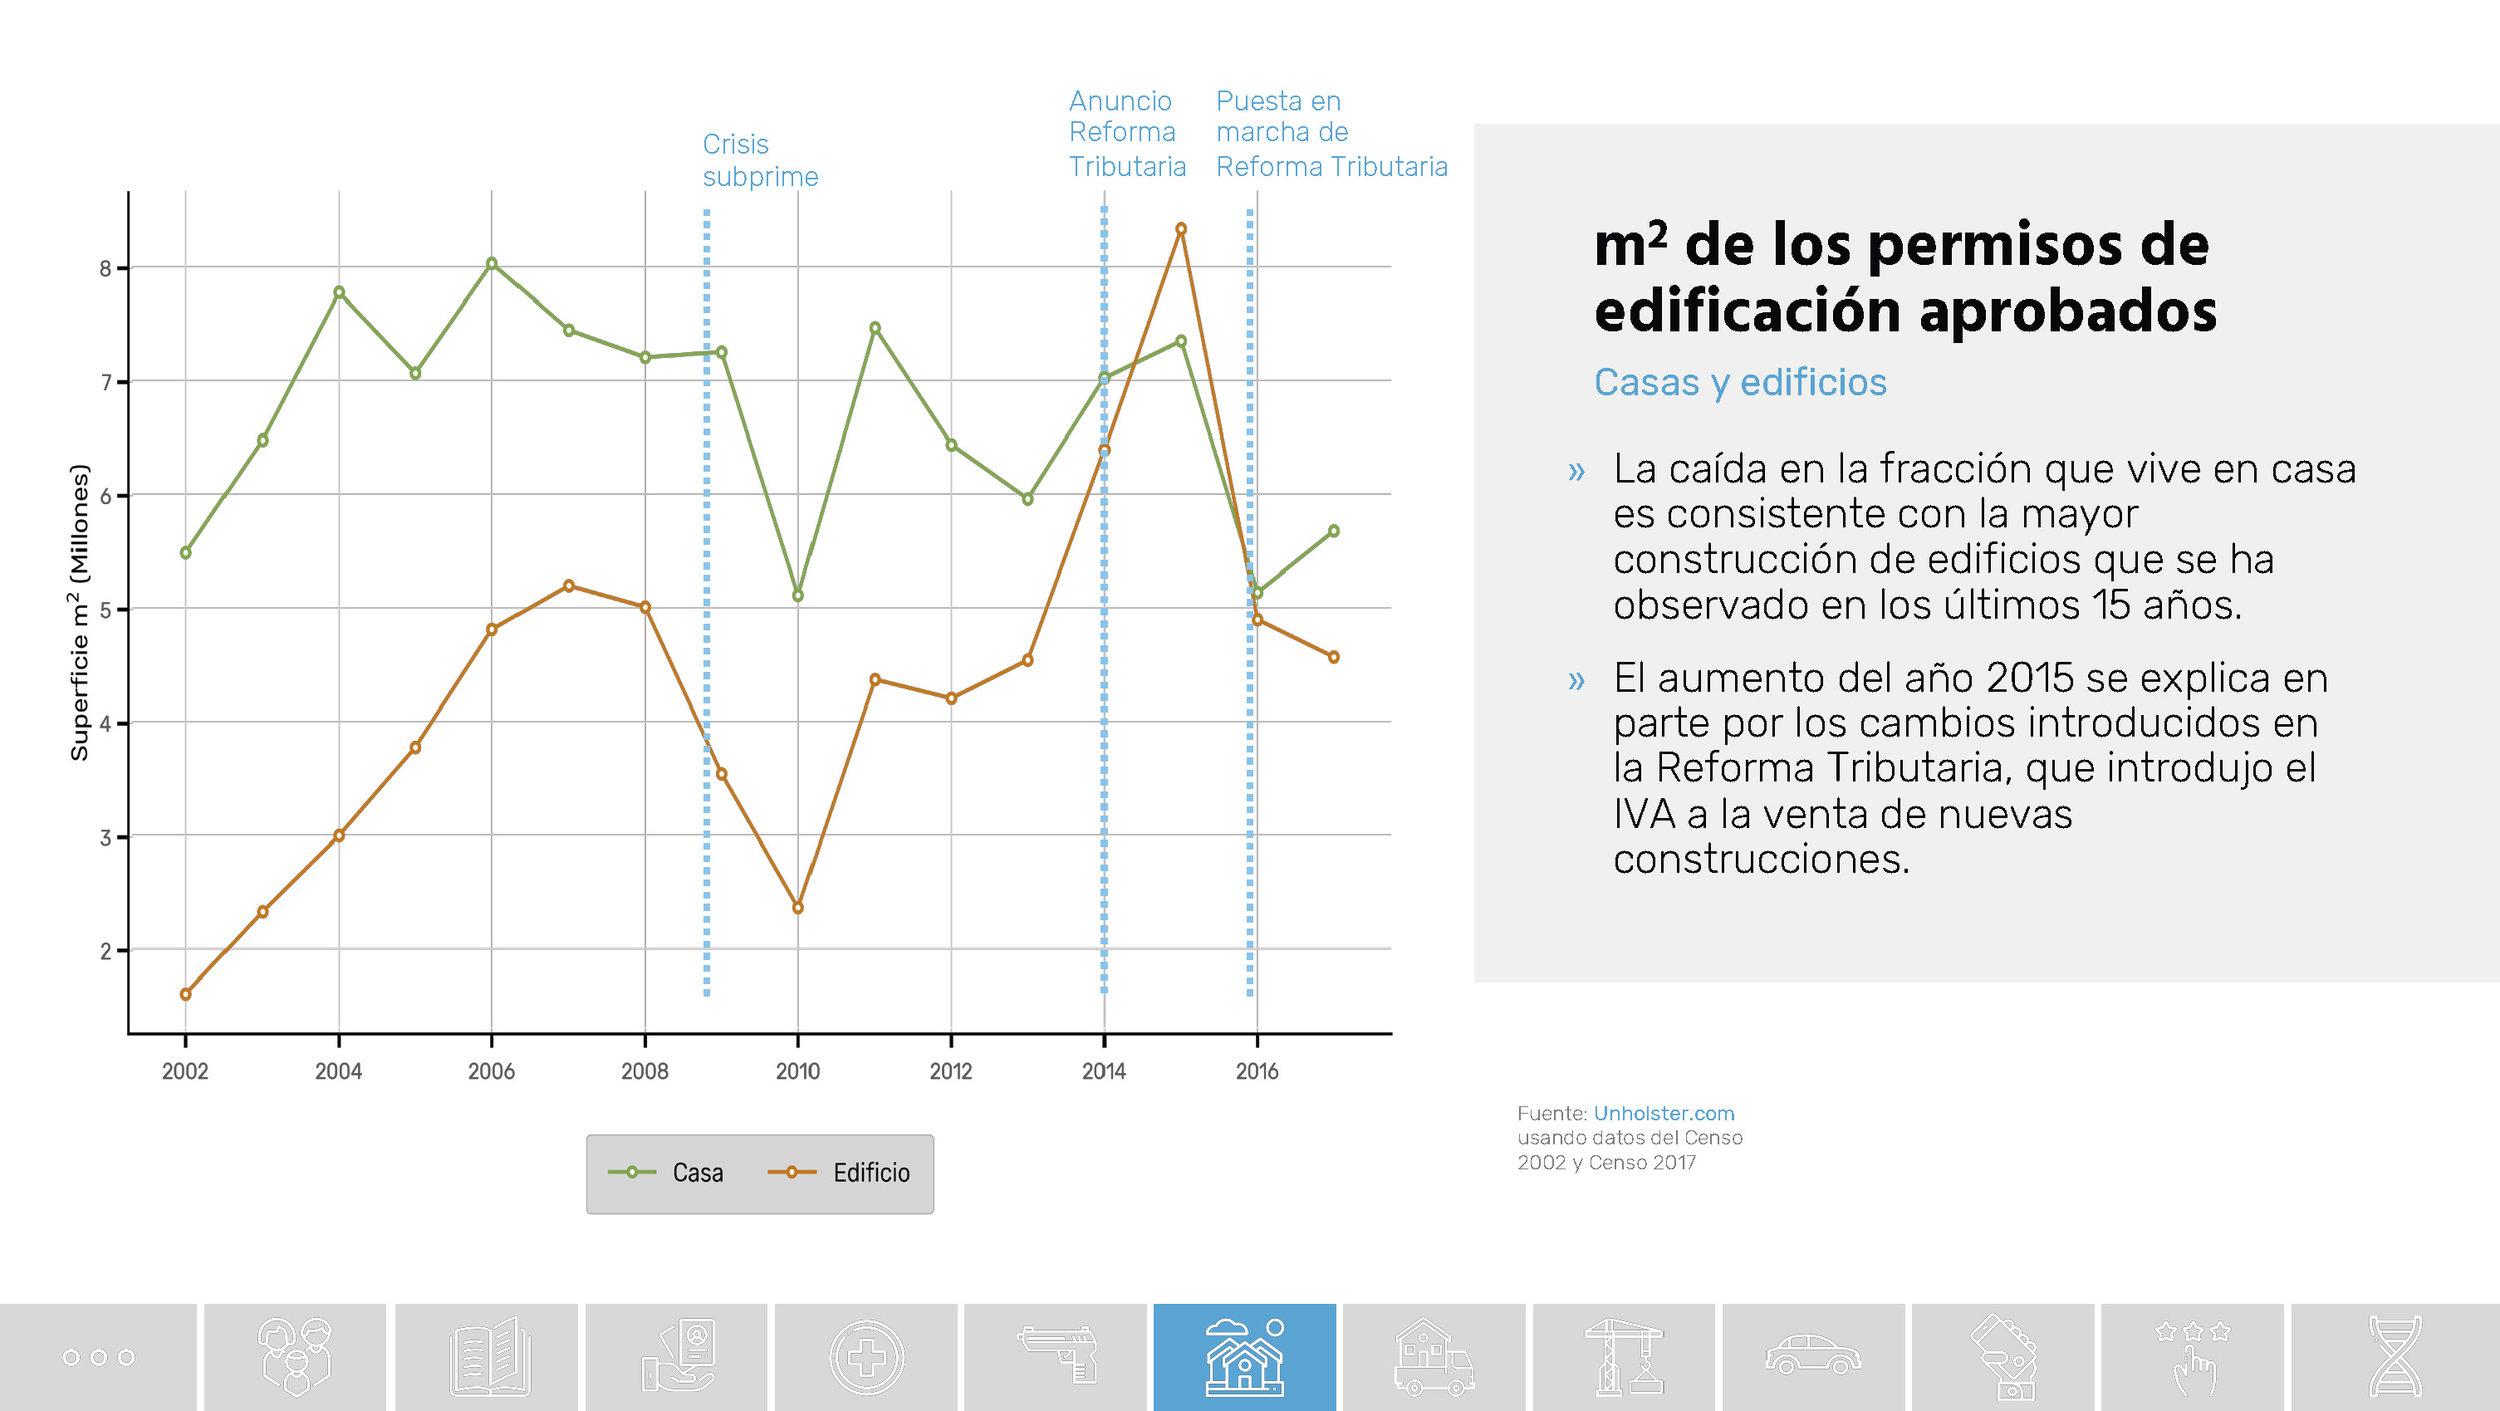 Chile_Datos de una transformacion social_Unholster_Página_51.jpg